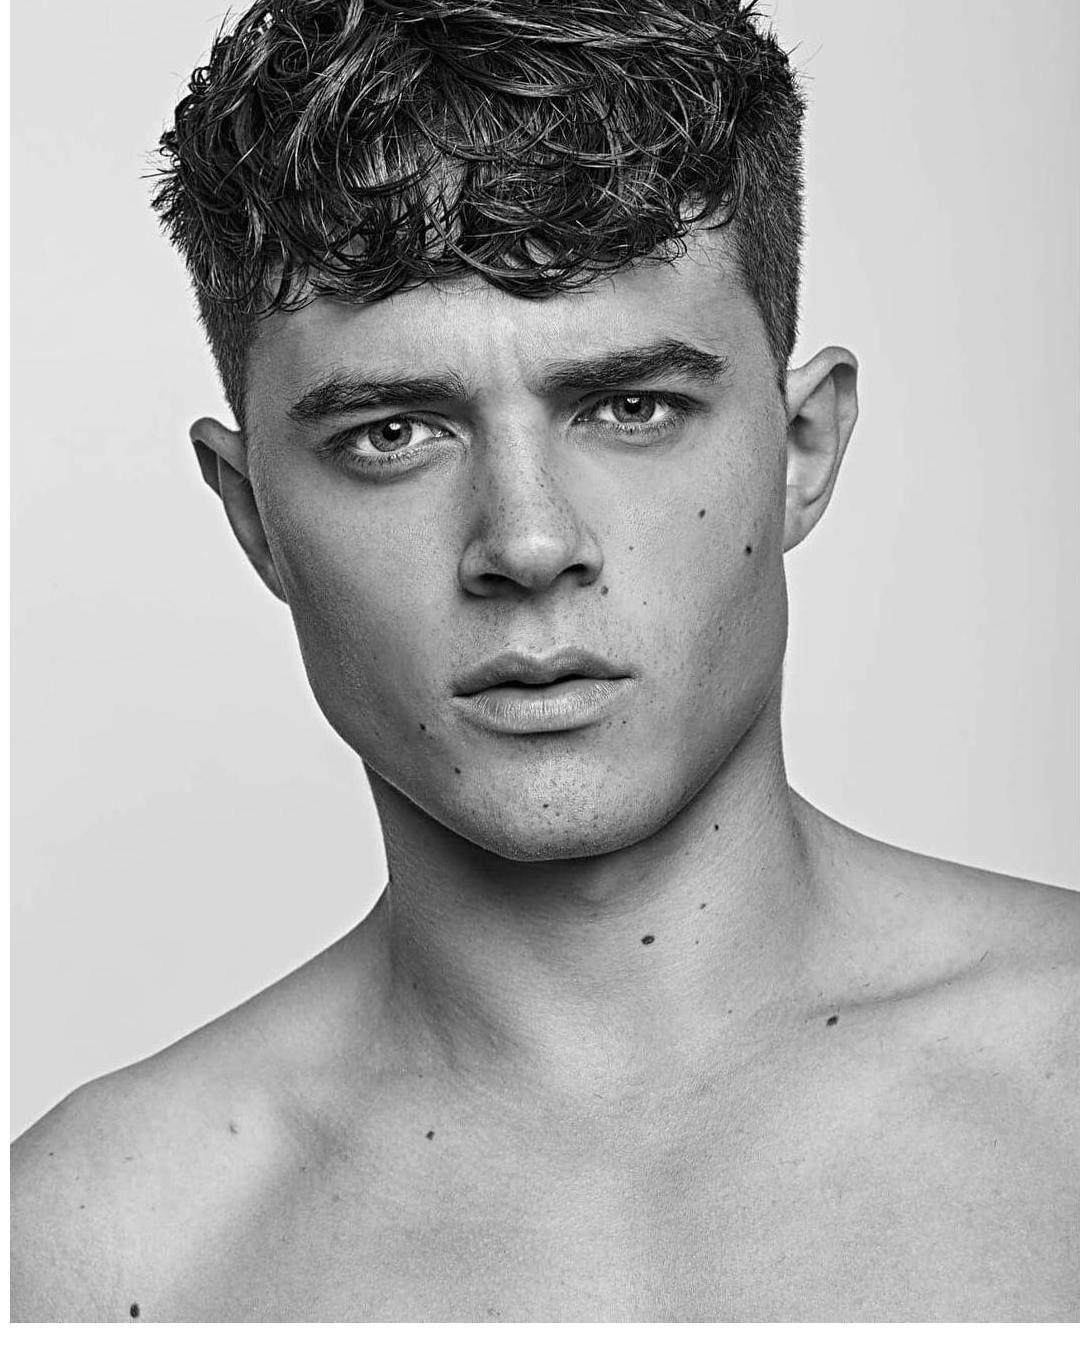 Neue herren kurzhaarfrisuren | Haarschnitt männer